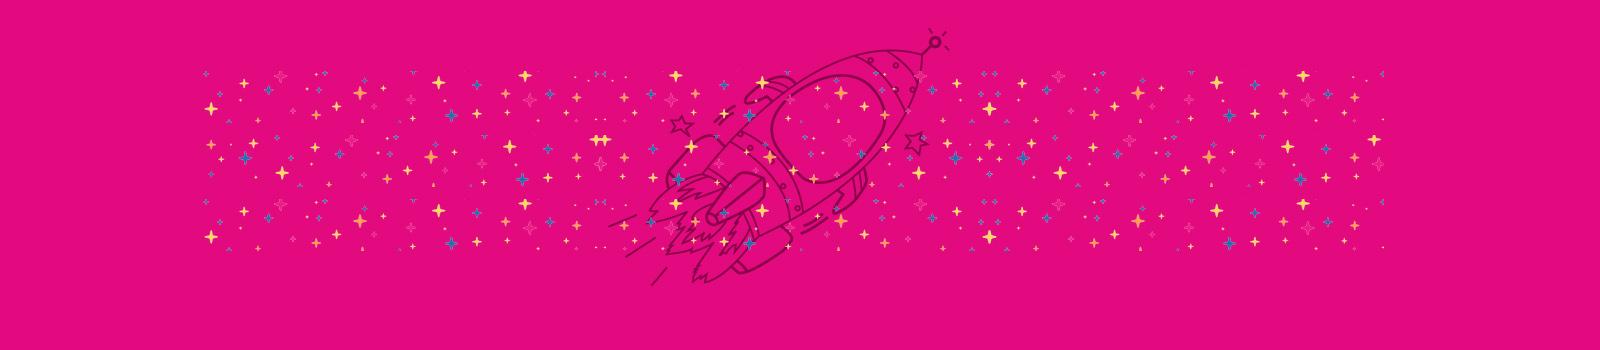 Objectif 2018 : toucher les étoiles avec L'ENVOL !